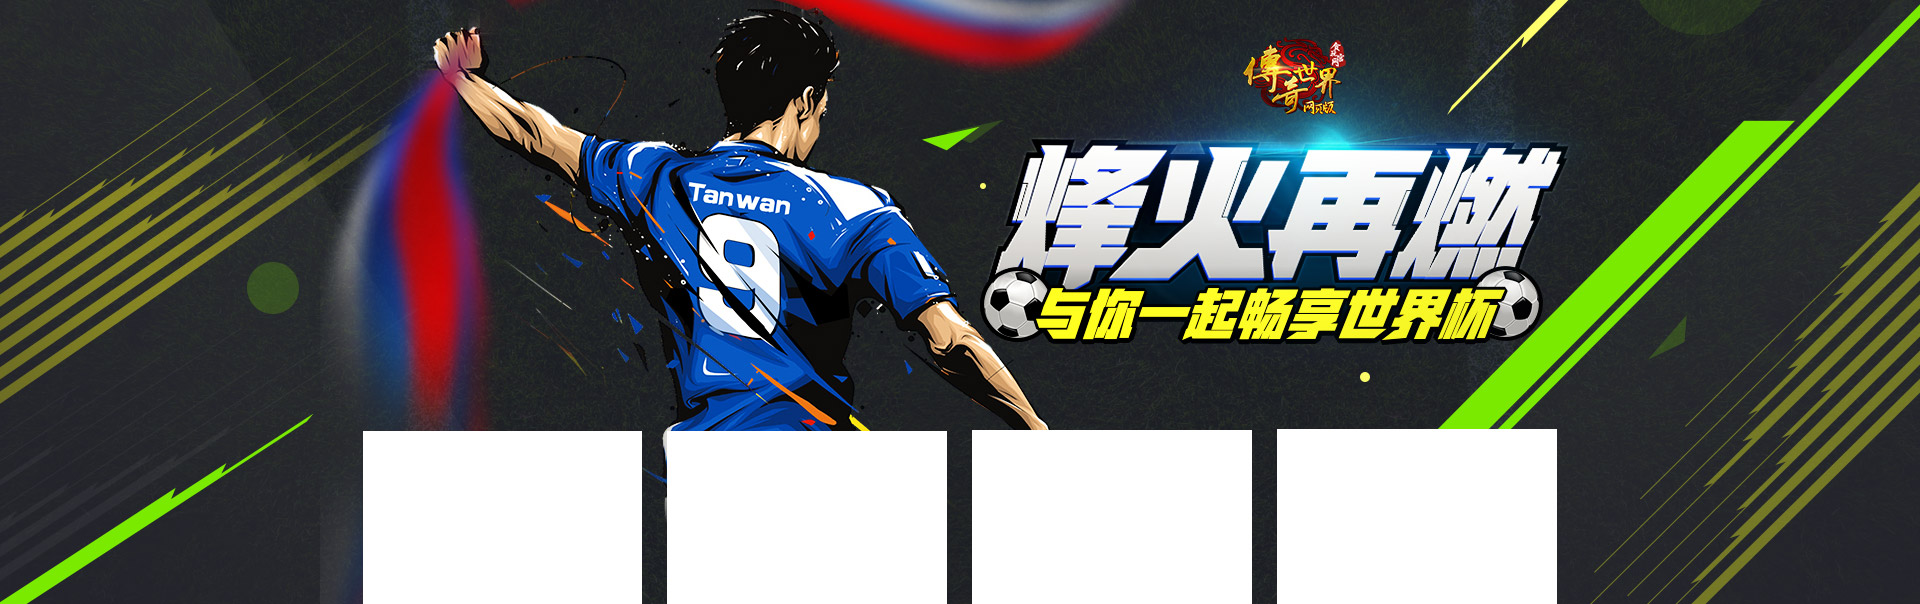 传奇世界网页版 世界杯竞猜精彩